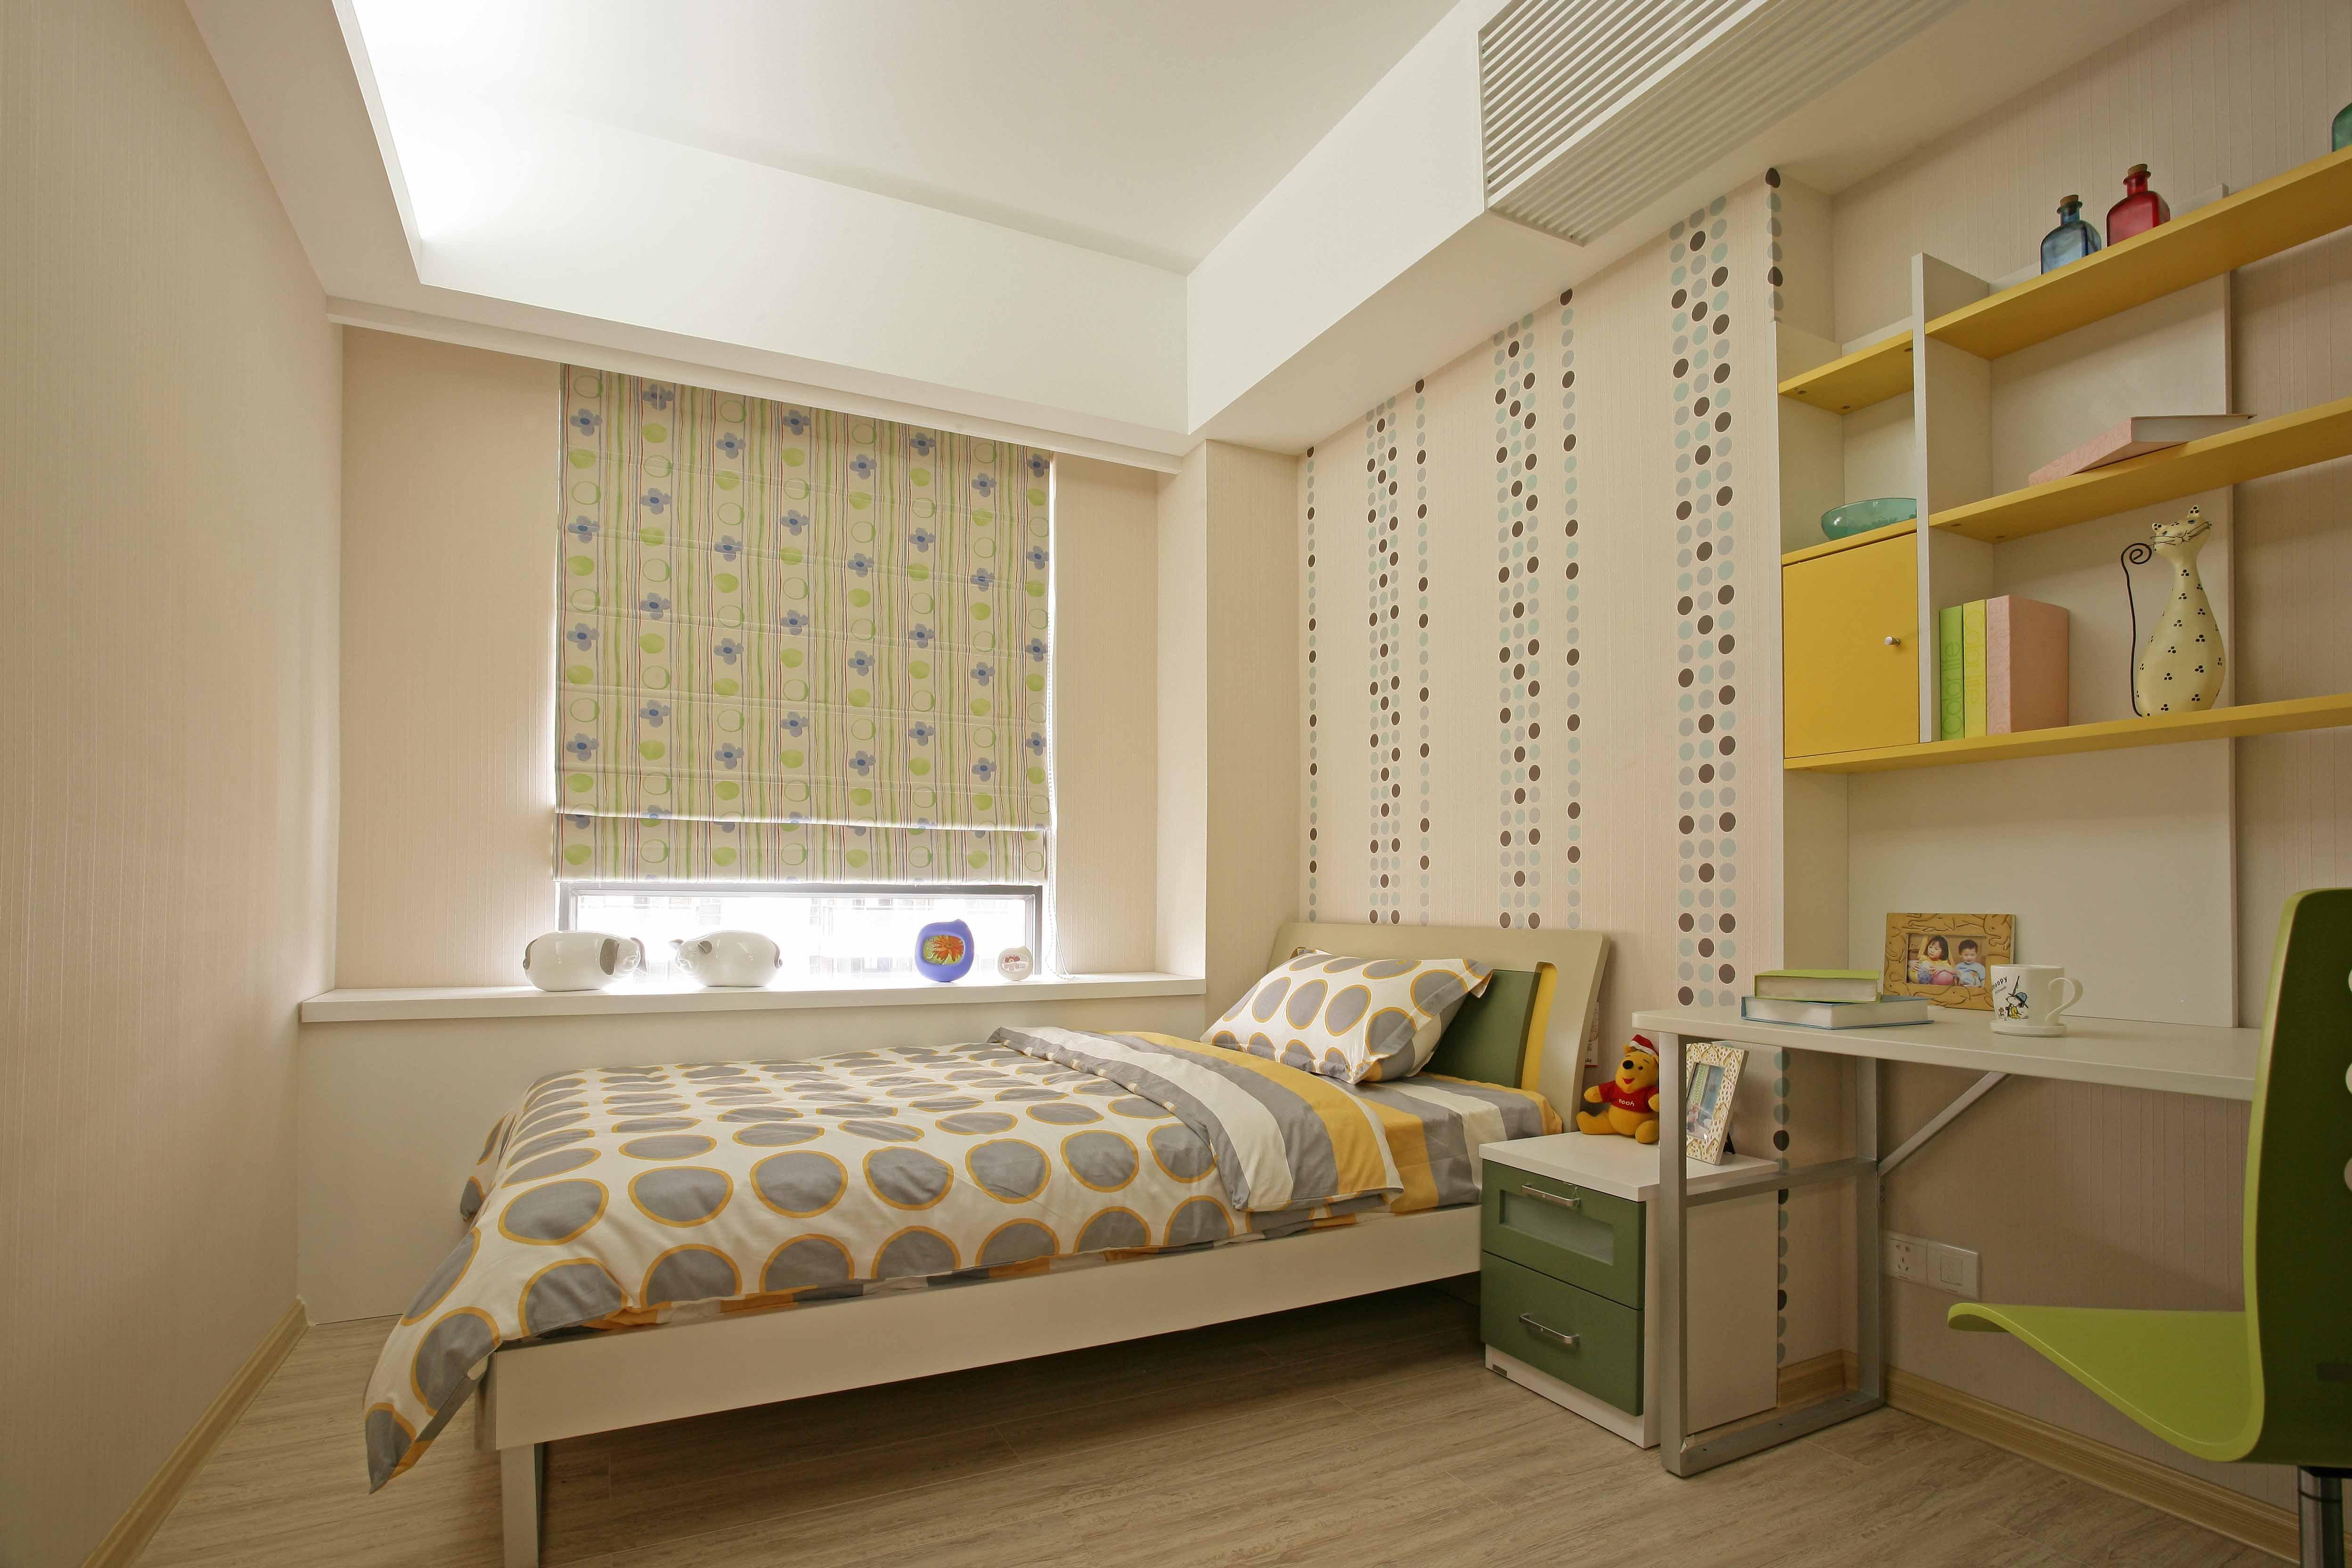 这个案例是现代简约装修风格,整个房子的设计运用了很